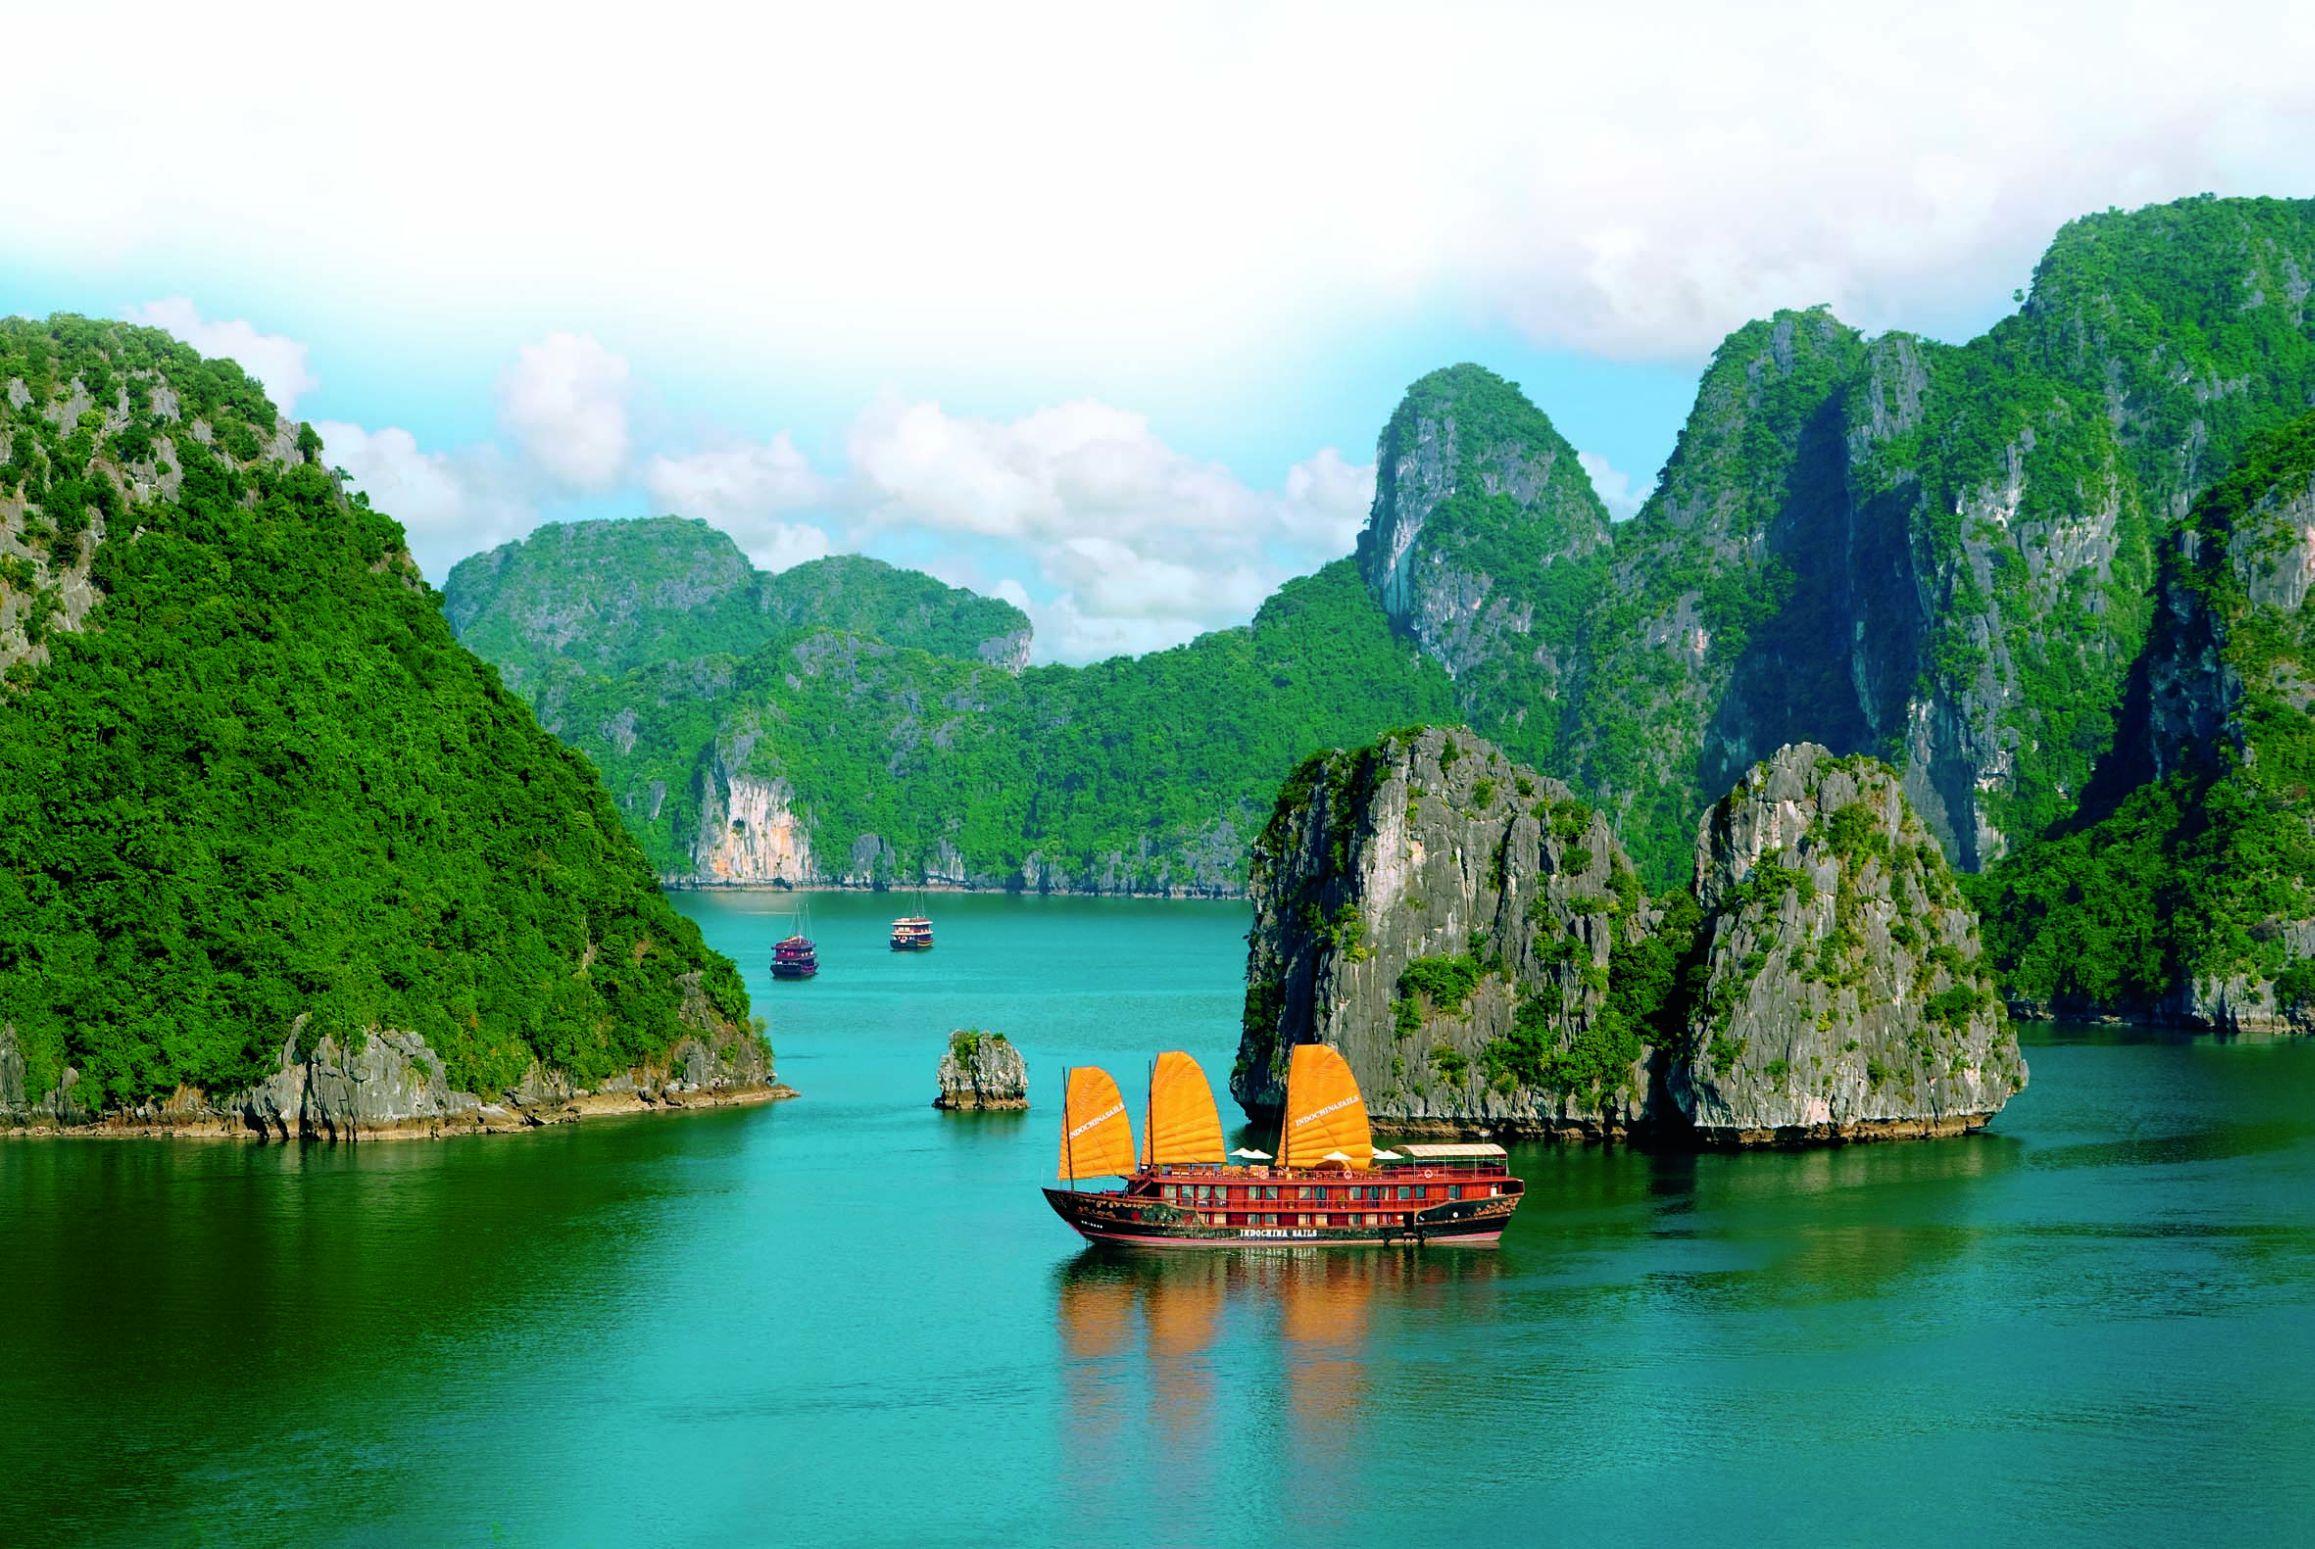 Česa ne smete zamuditi na svojem potovanju v Vietnam